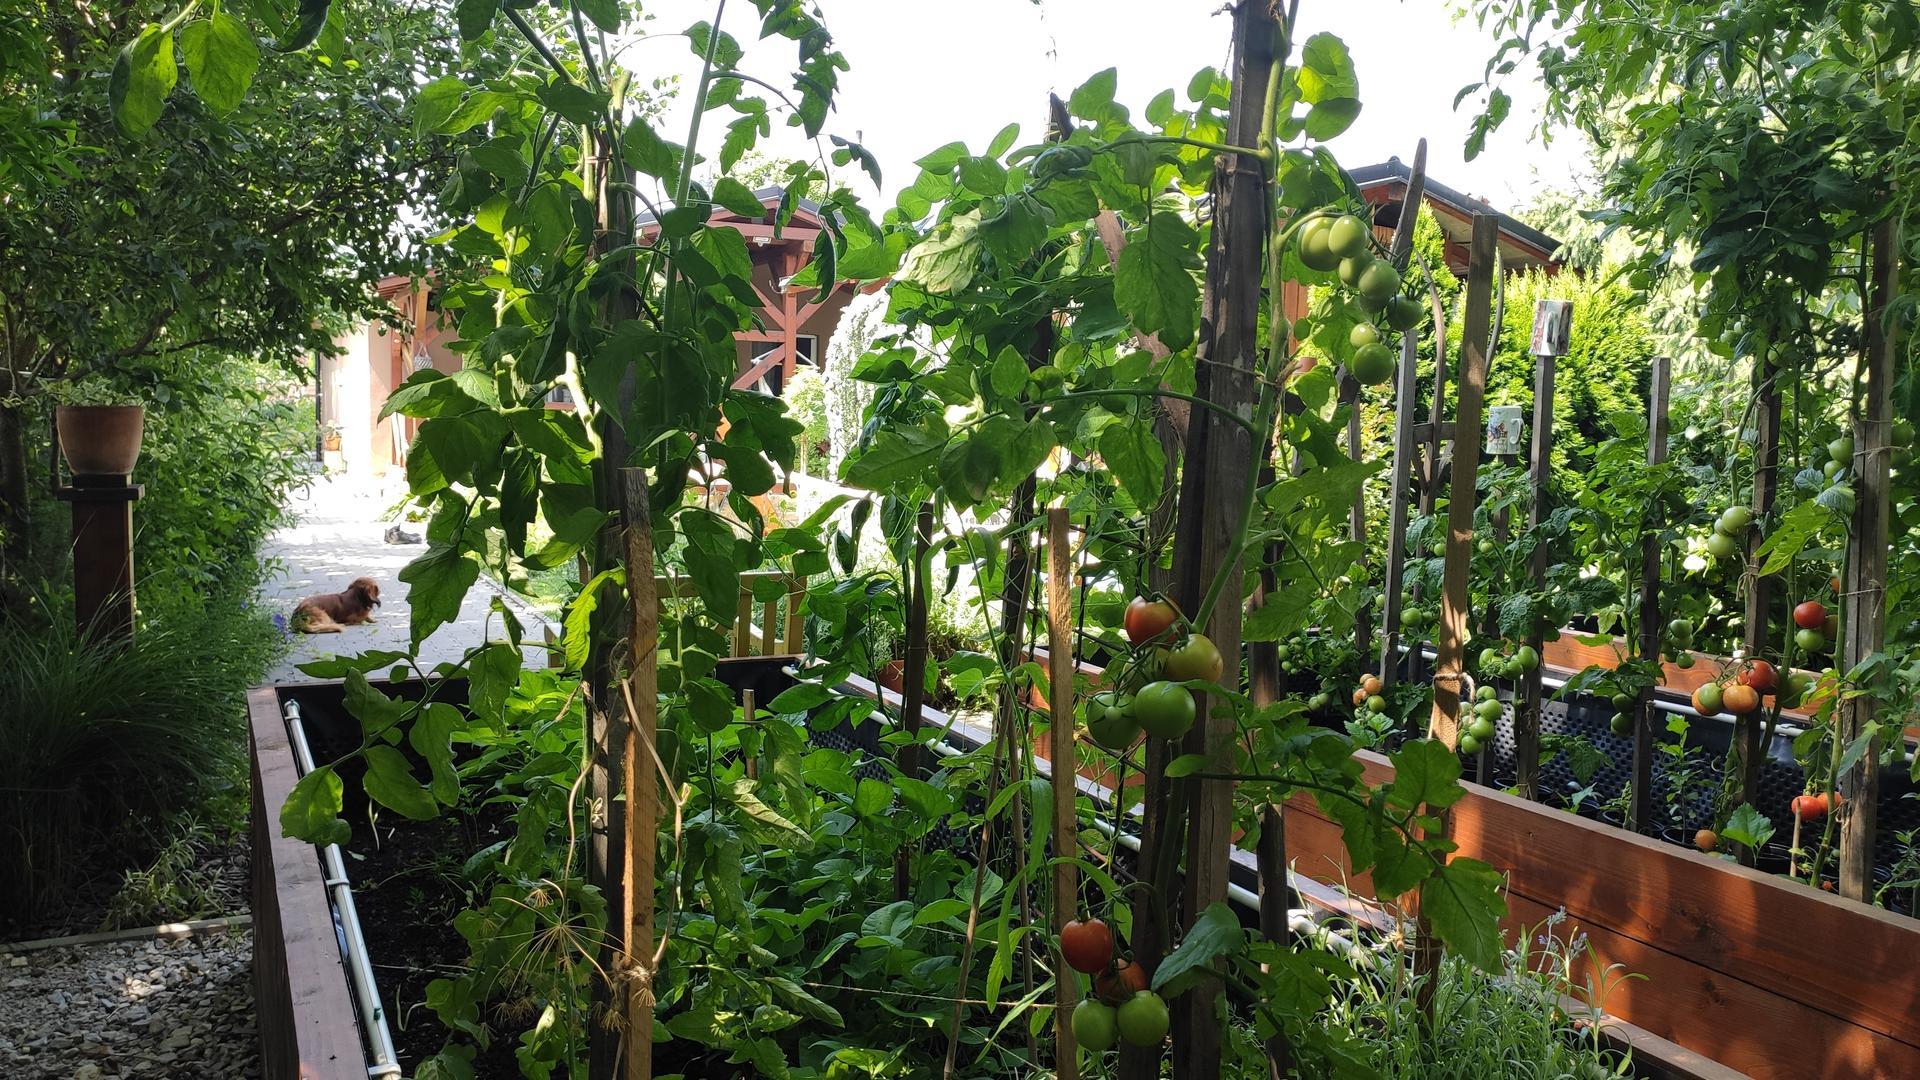 Vyvýšené záhony a úžitková záhrada - sezóna 2021 ... príprava, sadenie, starostlivosť - Obrázok č. 62